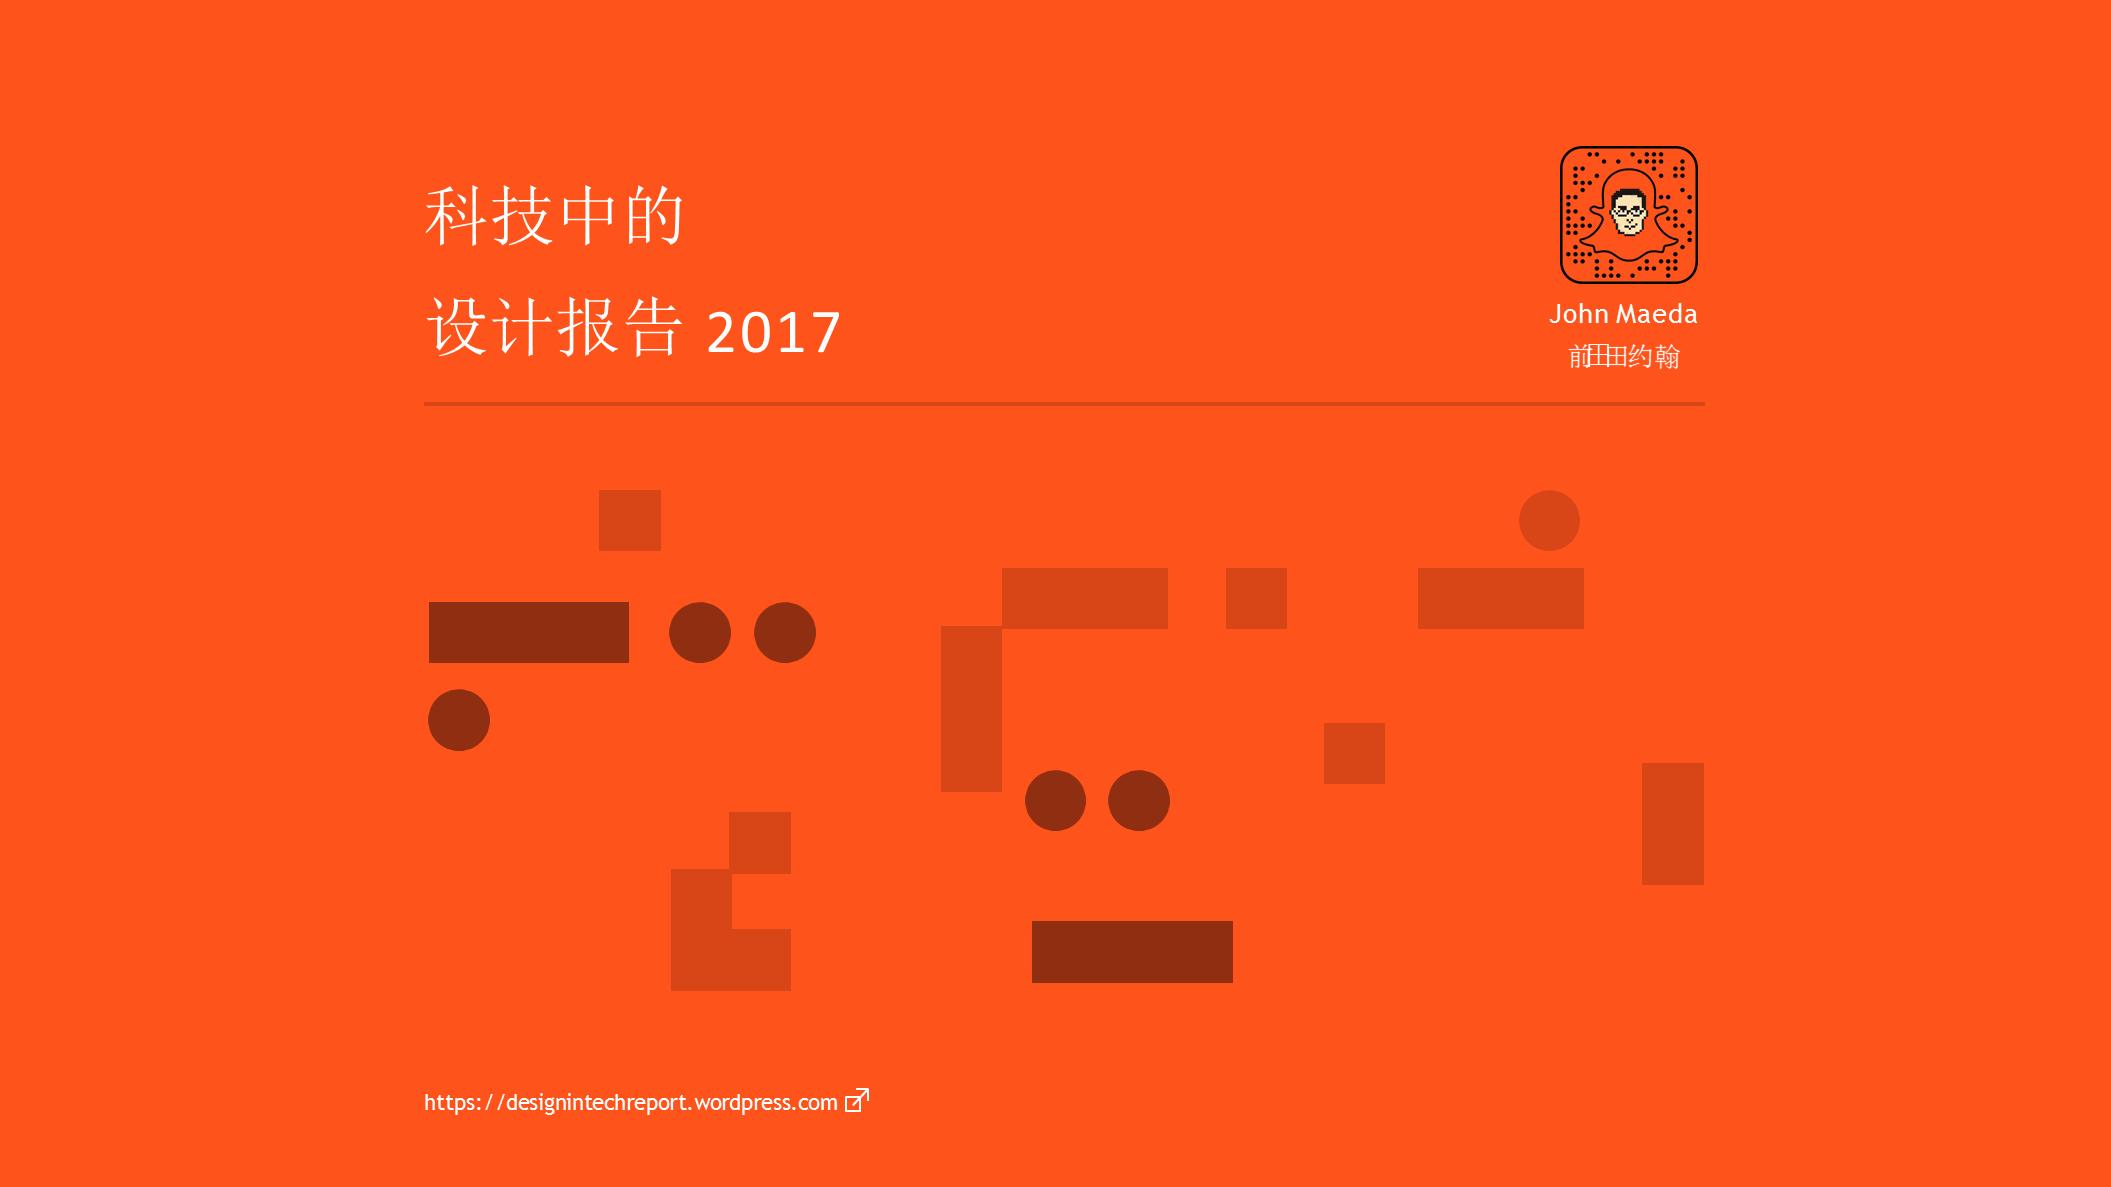 前?约翰-2017科技中的设计趋势报告中文版